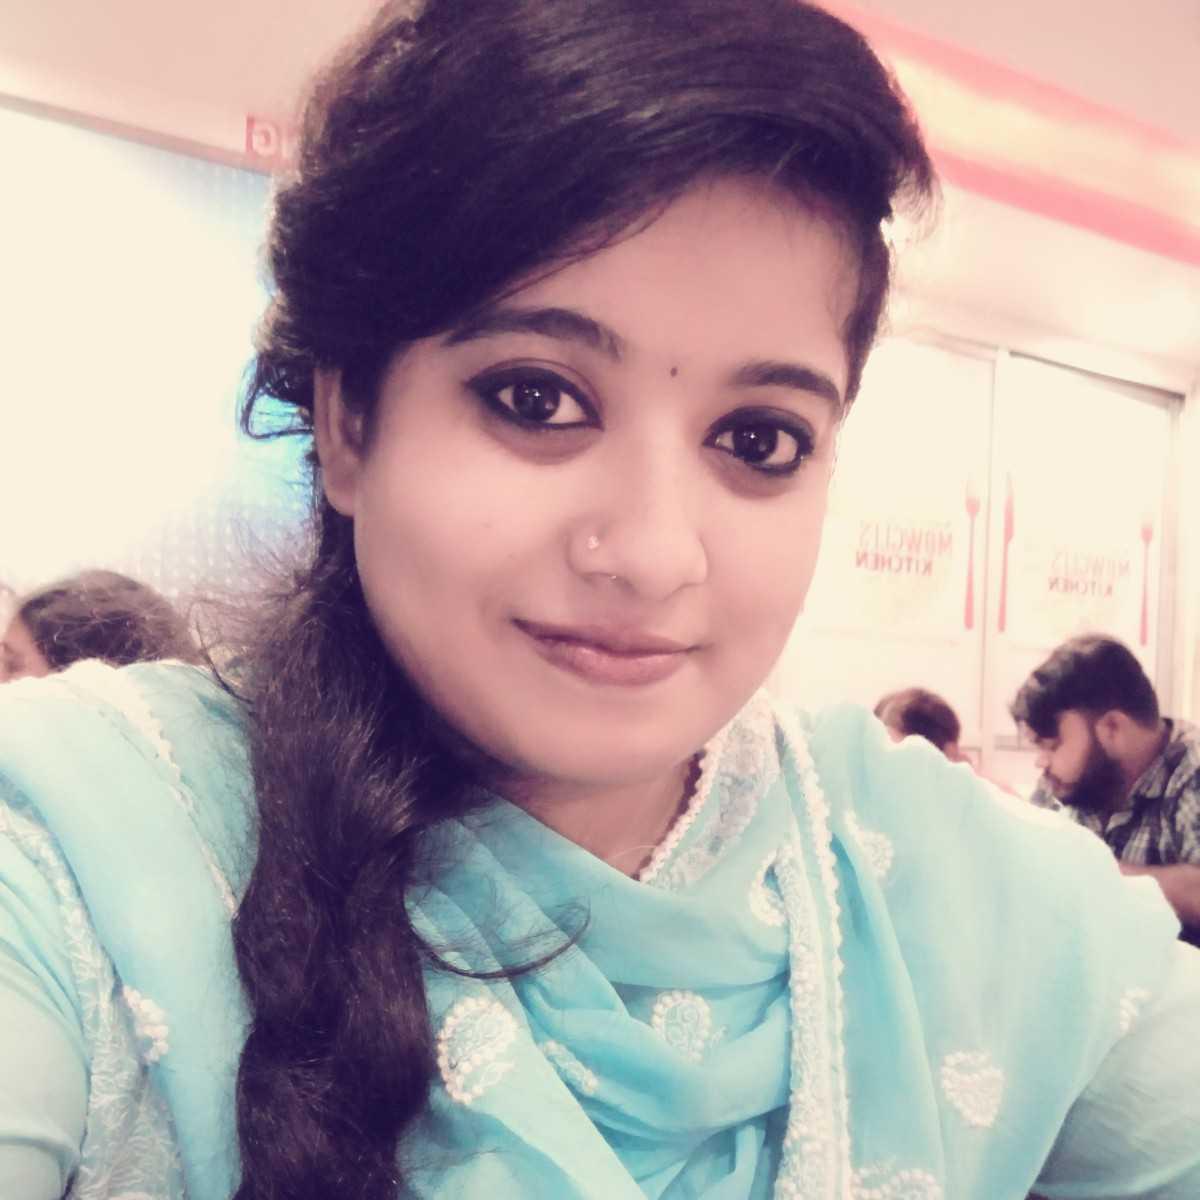 Anjali Dasgupta kya kahu khud ke bare me🙊 bas itni si baat hai likhna hi meri pehchan hai... ☺